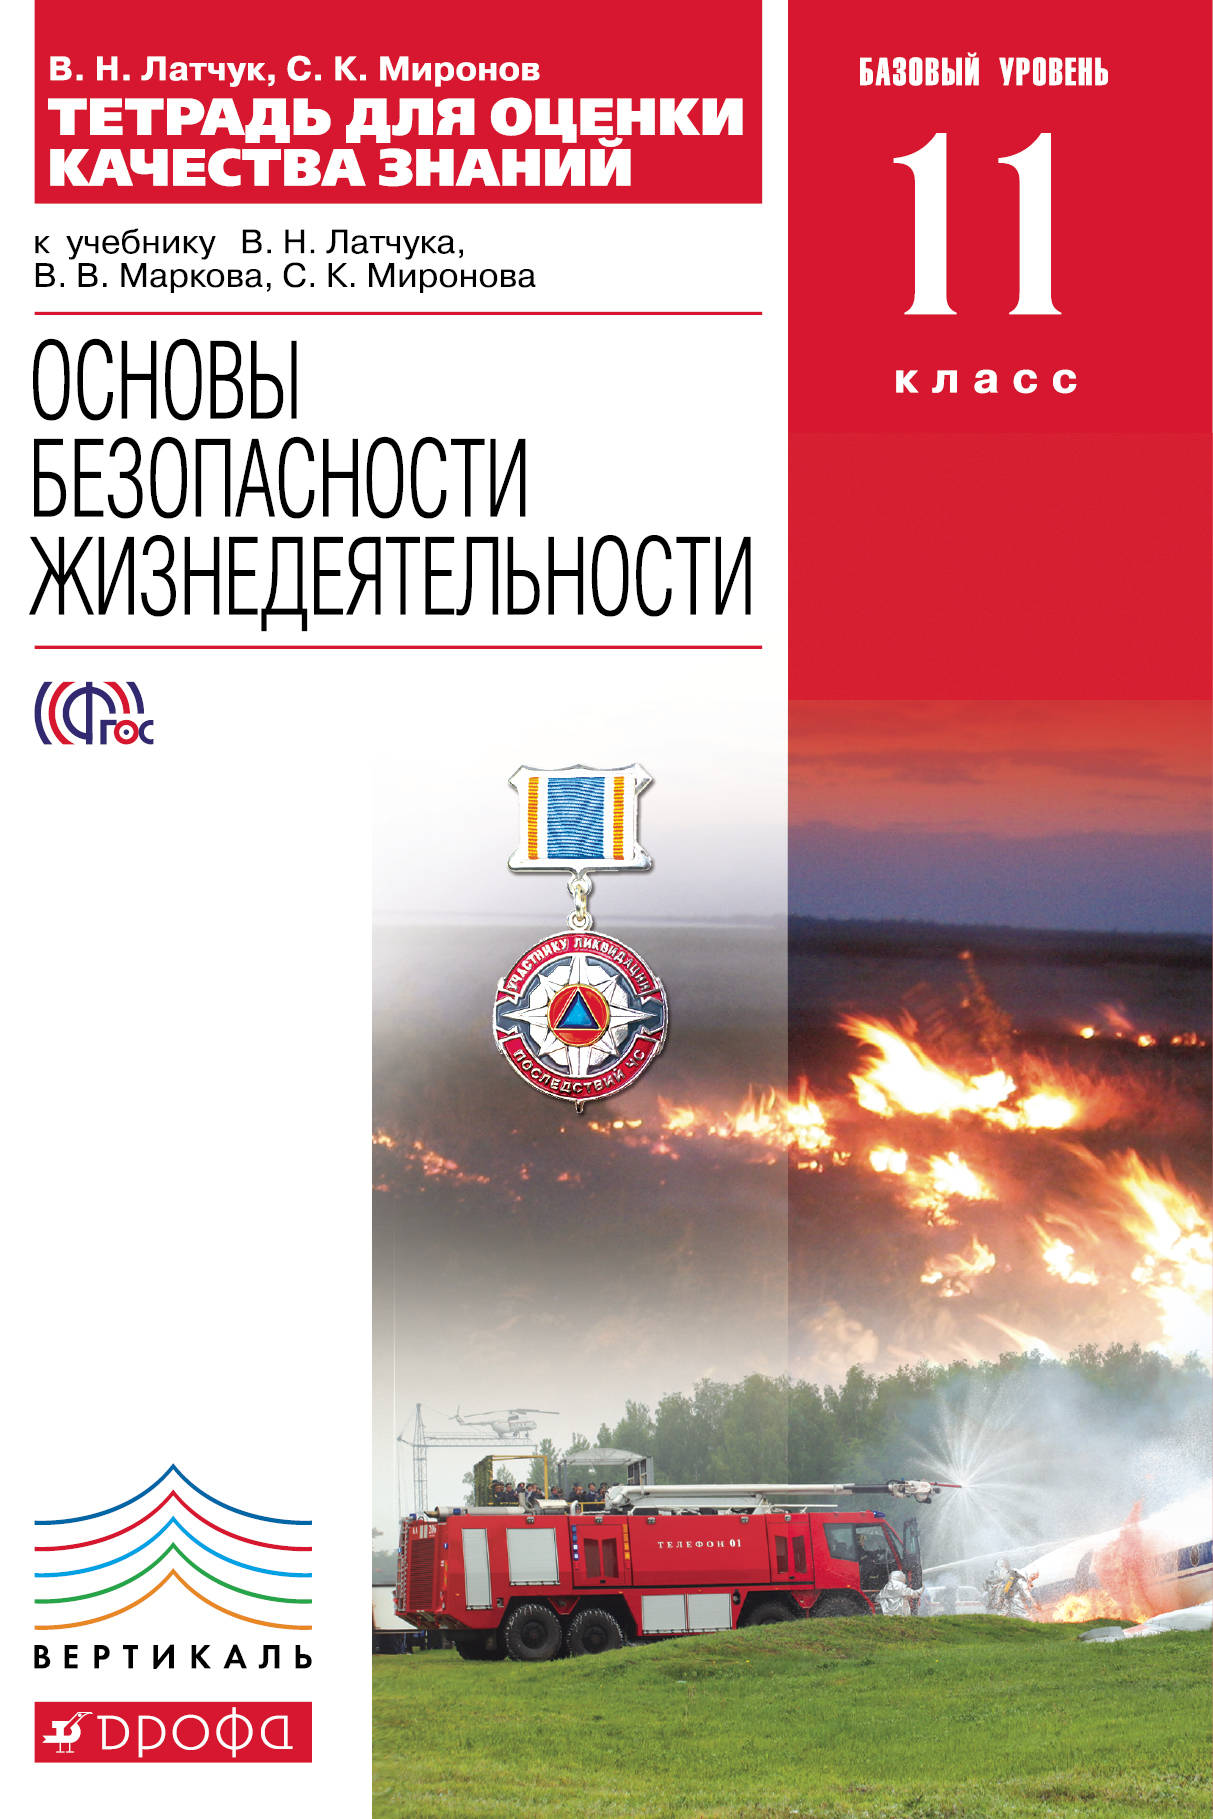 В. Н. Латчук, С. К. Миронов ОБЖ. 11 класс. Базовый уровень. Тетрадь для оценки качества знаний